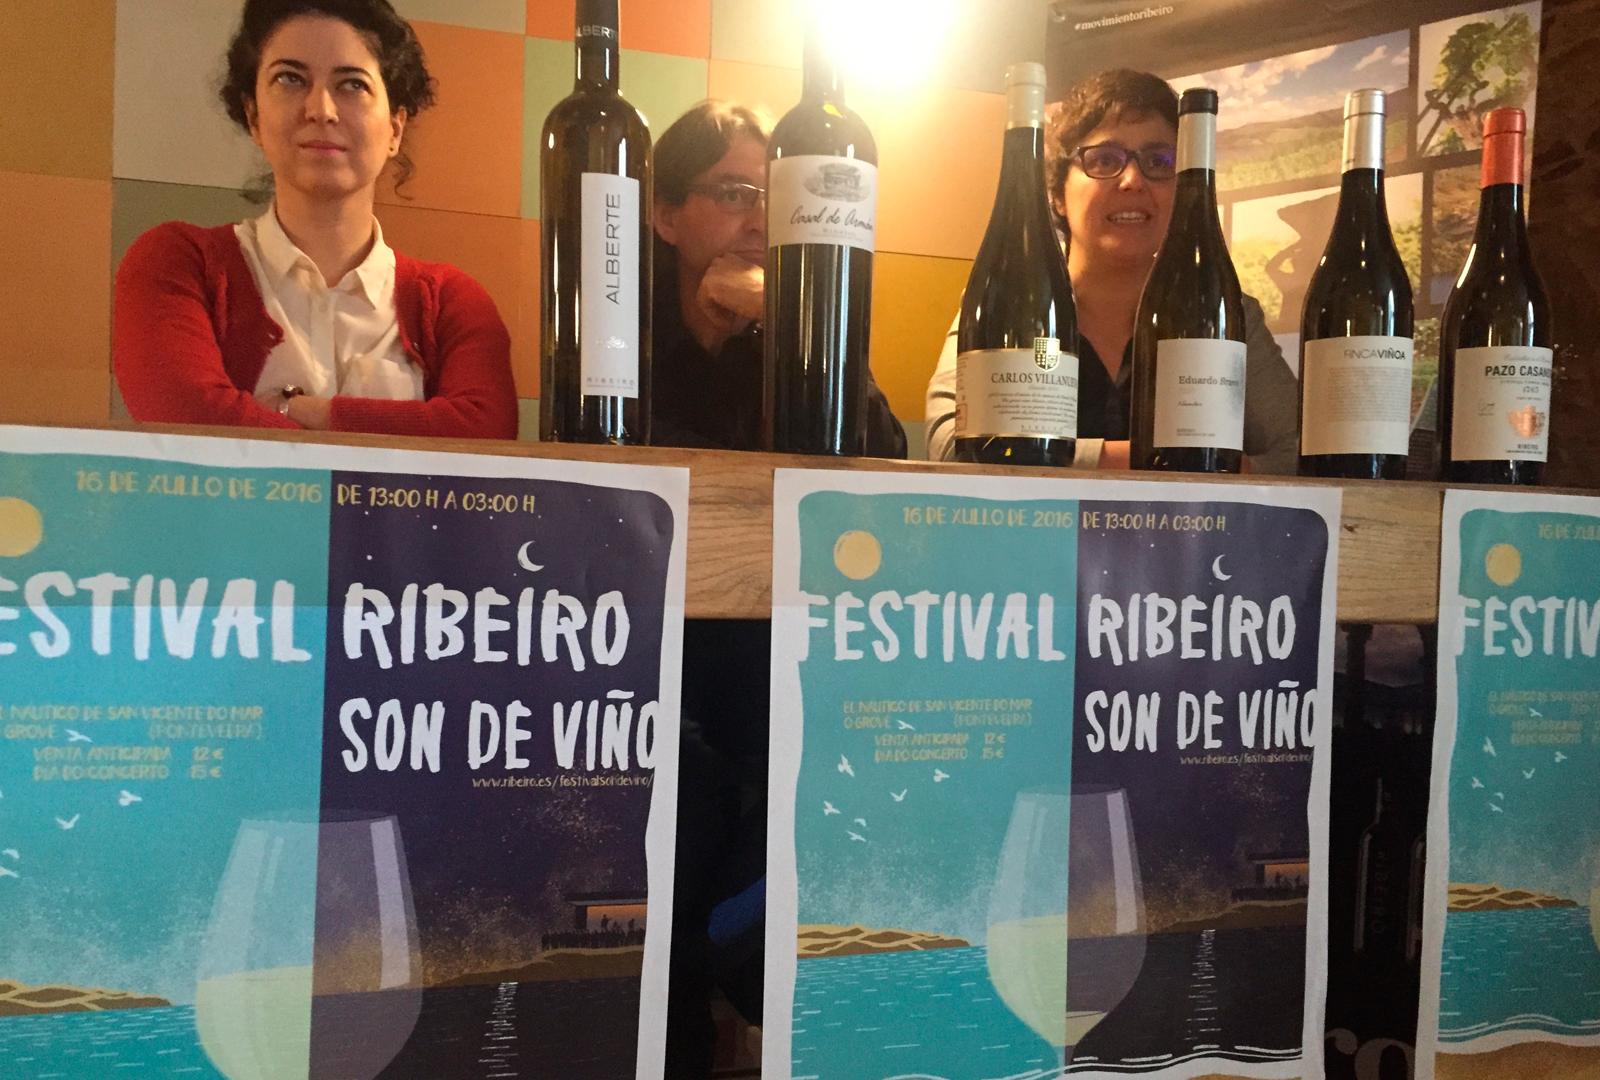 III Festival Ribeiro Son de Viño.